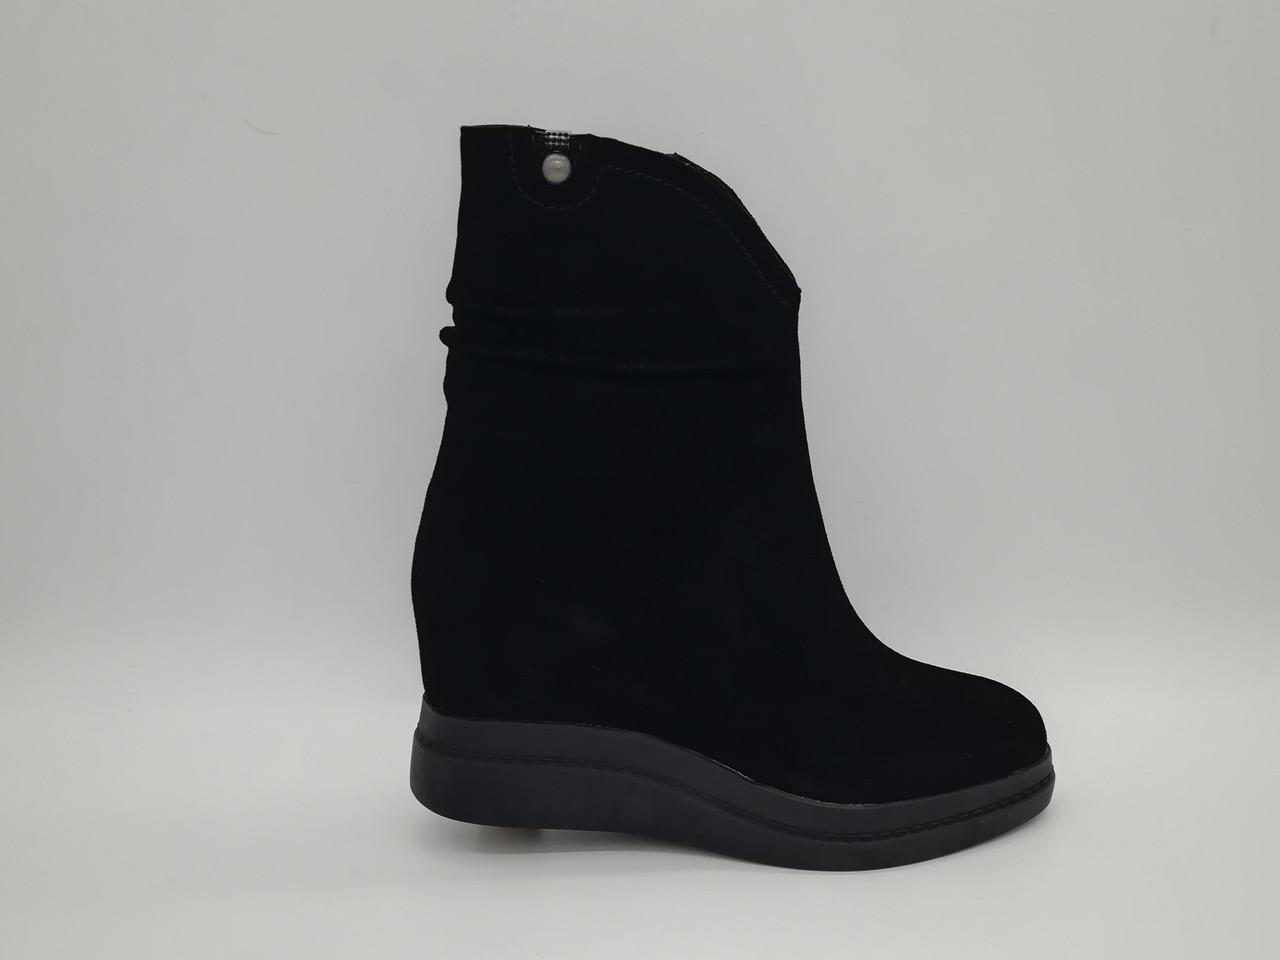 Чорні замшеві зимові черевики на товстій підошві. Маленькі (33 - 35) розміри.